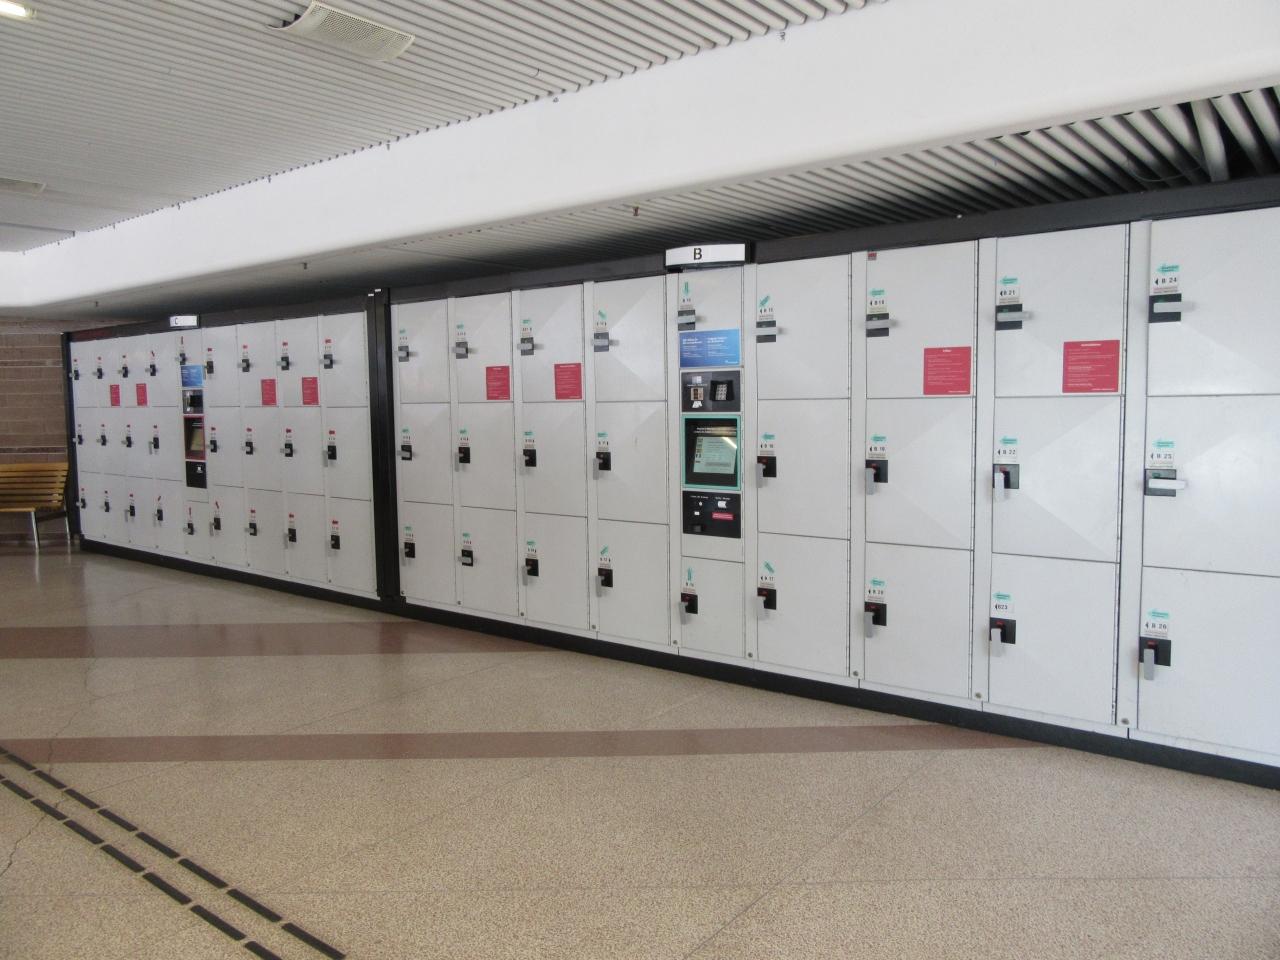 ストックホルム シティターミナル                Stockholm Cityterminalen